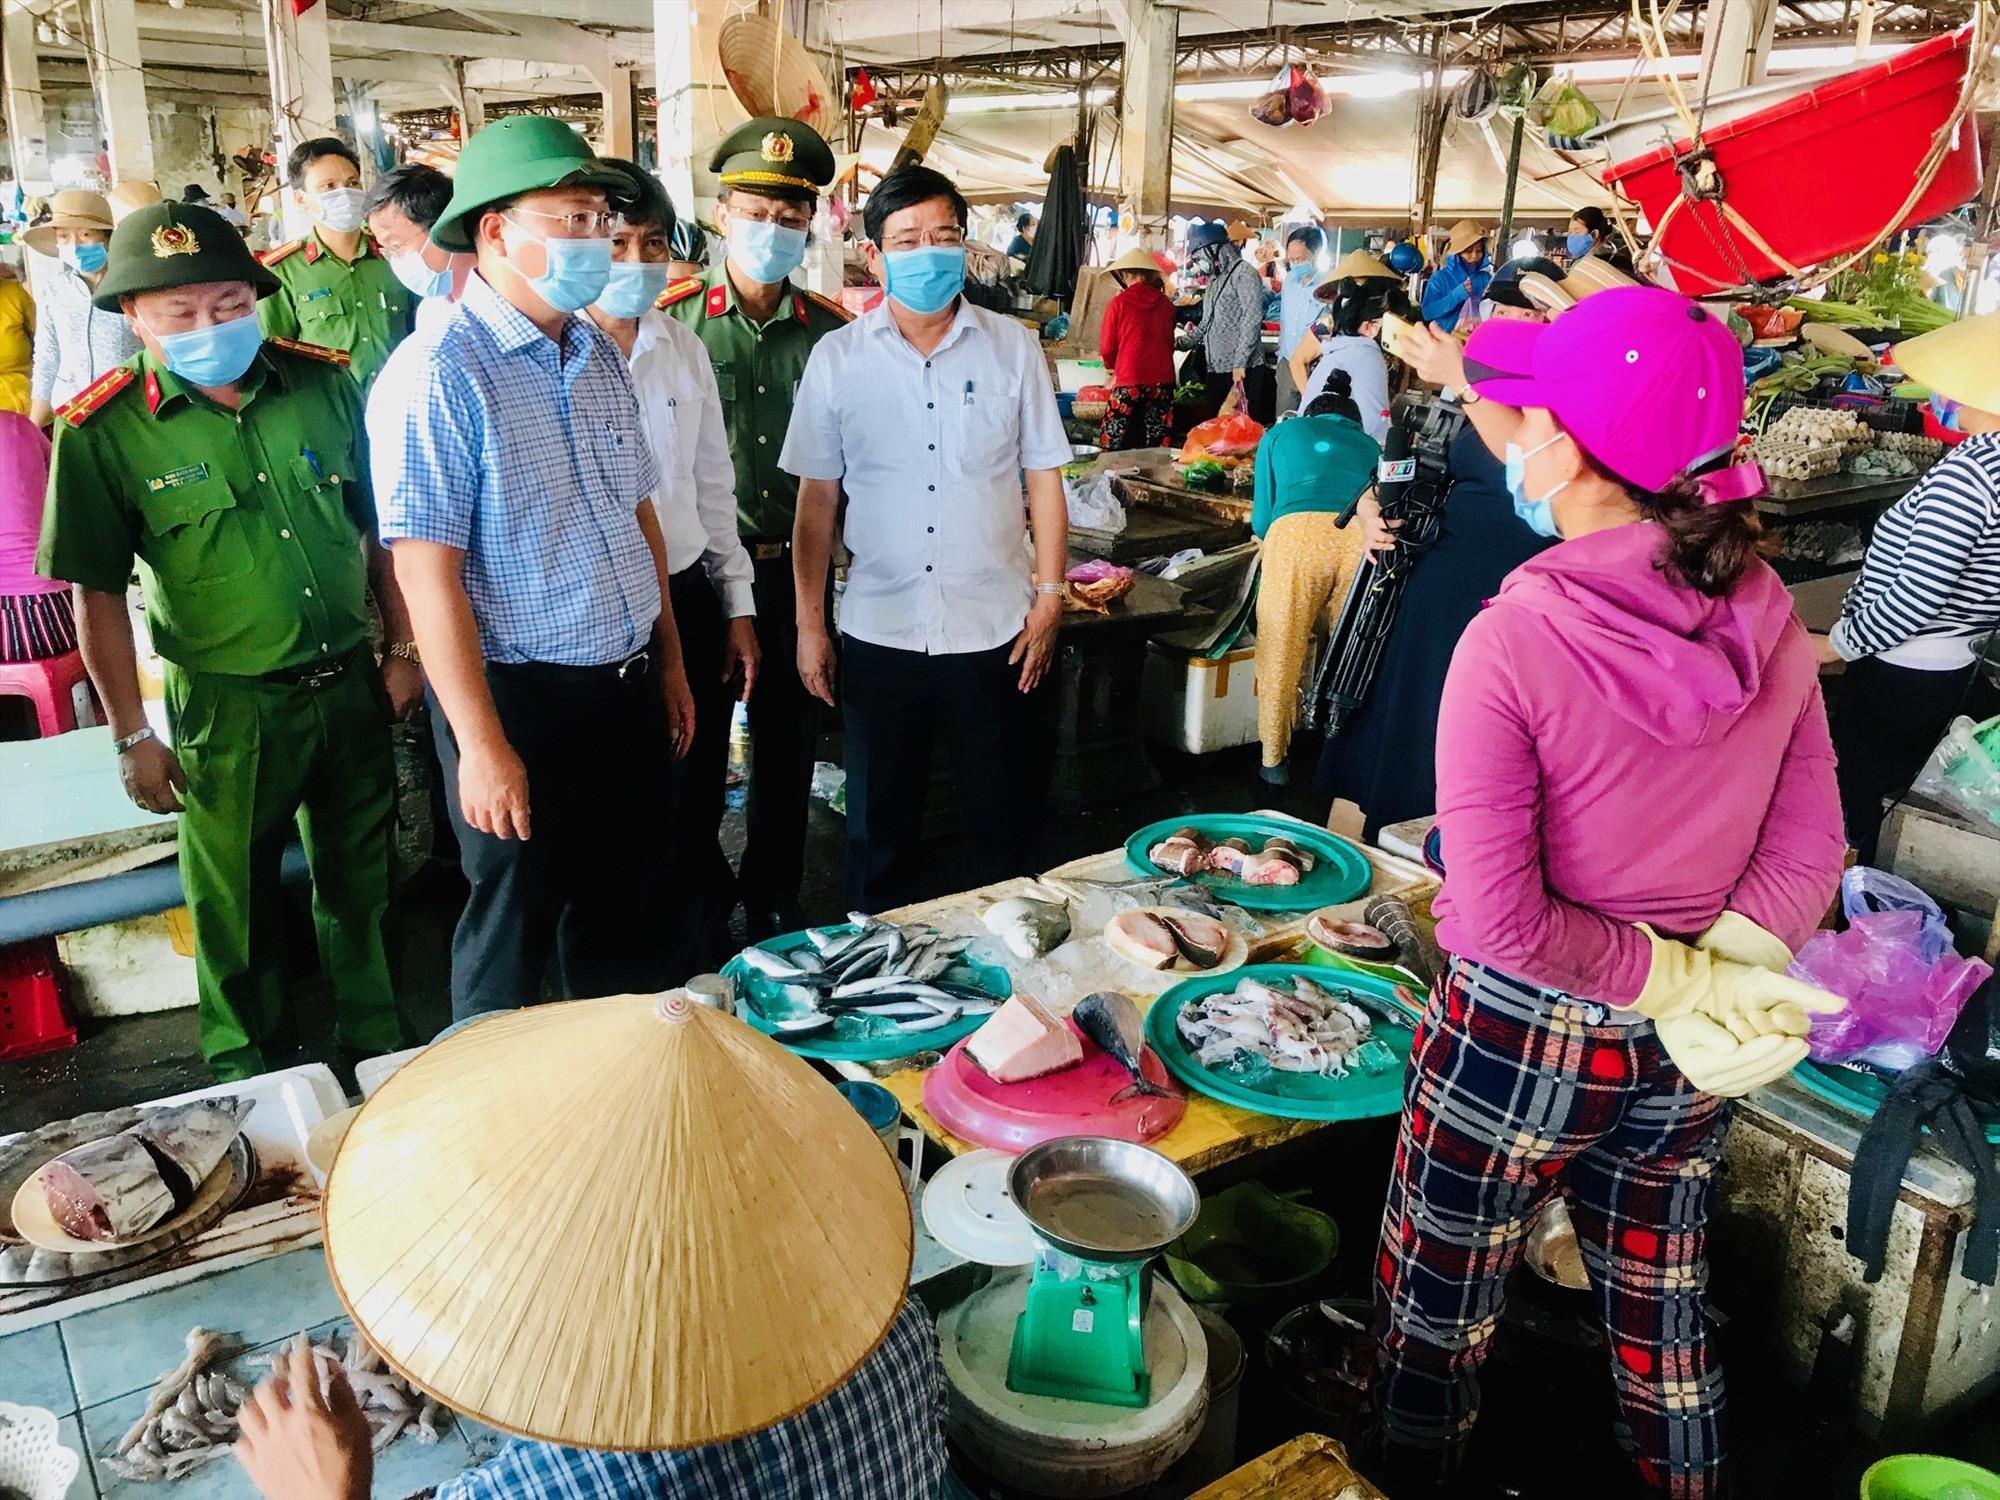 Chủ tịch UBND tỉnh Lê Trí Thanh yêu cầu các đơn vị chức năng liên quan khẩn trương tiến hành xét nghiệm diện rộng trong cộng đồng tại một số khu vực có nguy cơ ở Hội An. Ảnh: Q.T